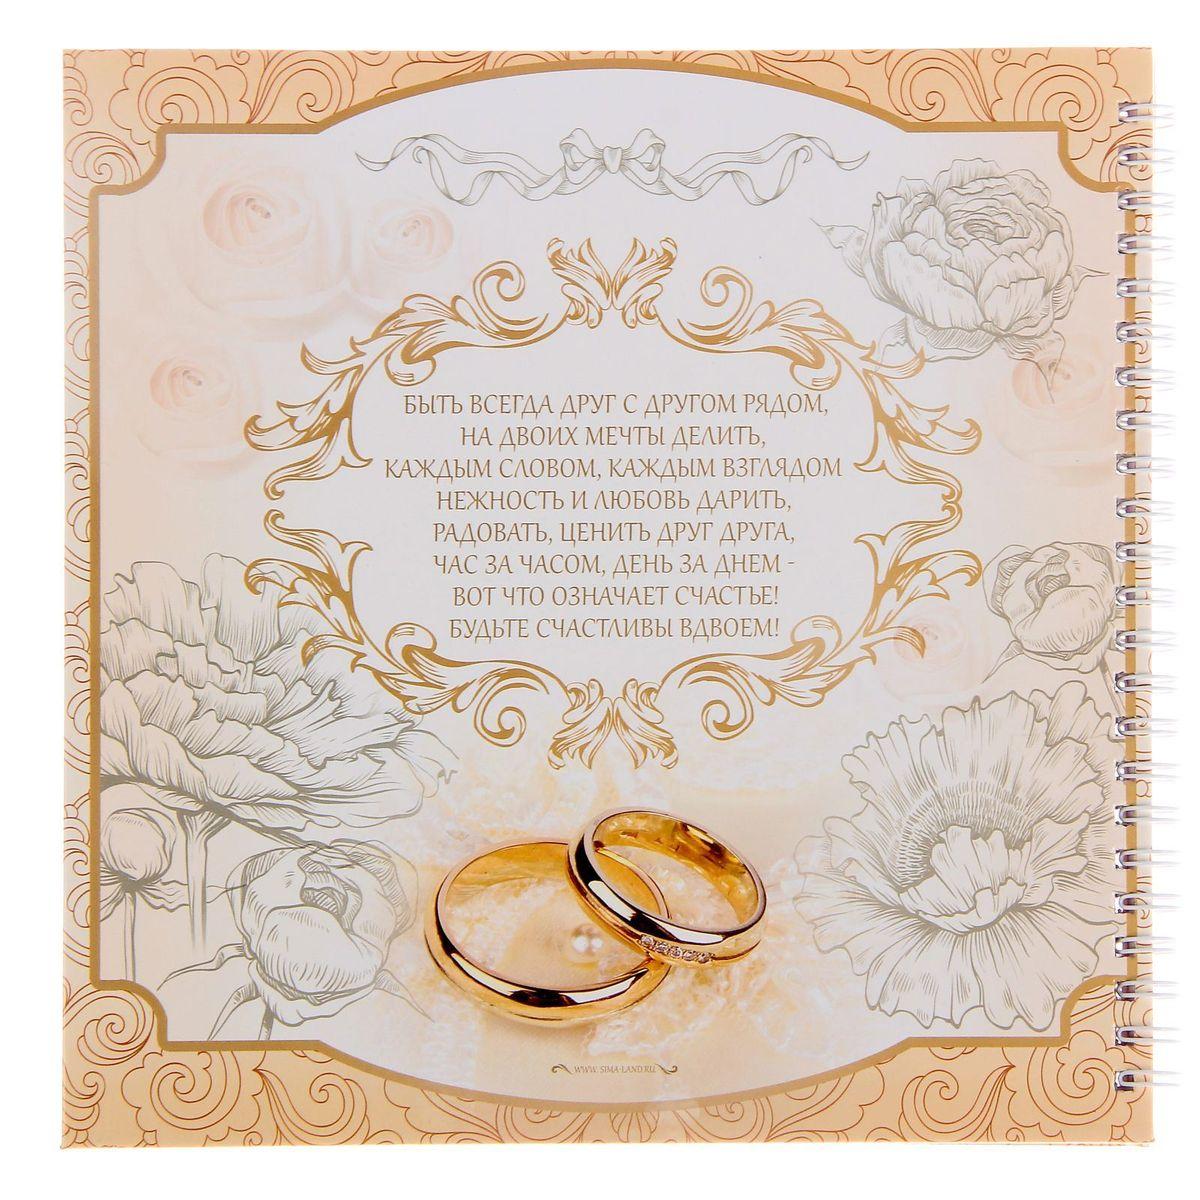 Поздравление на свадьбу жениху от дружки